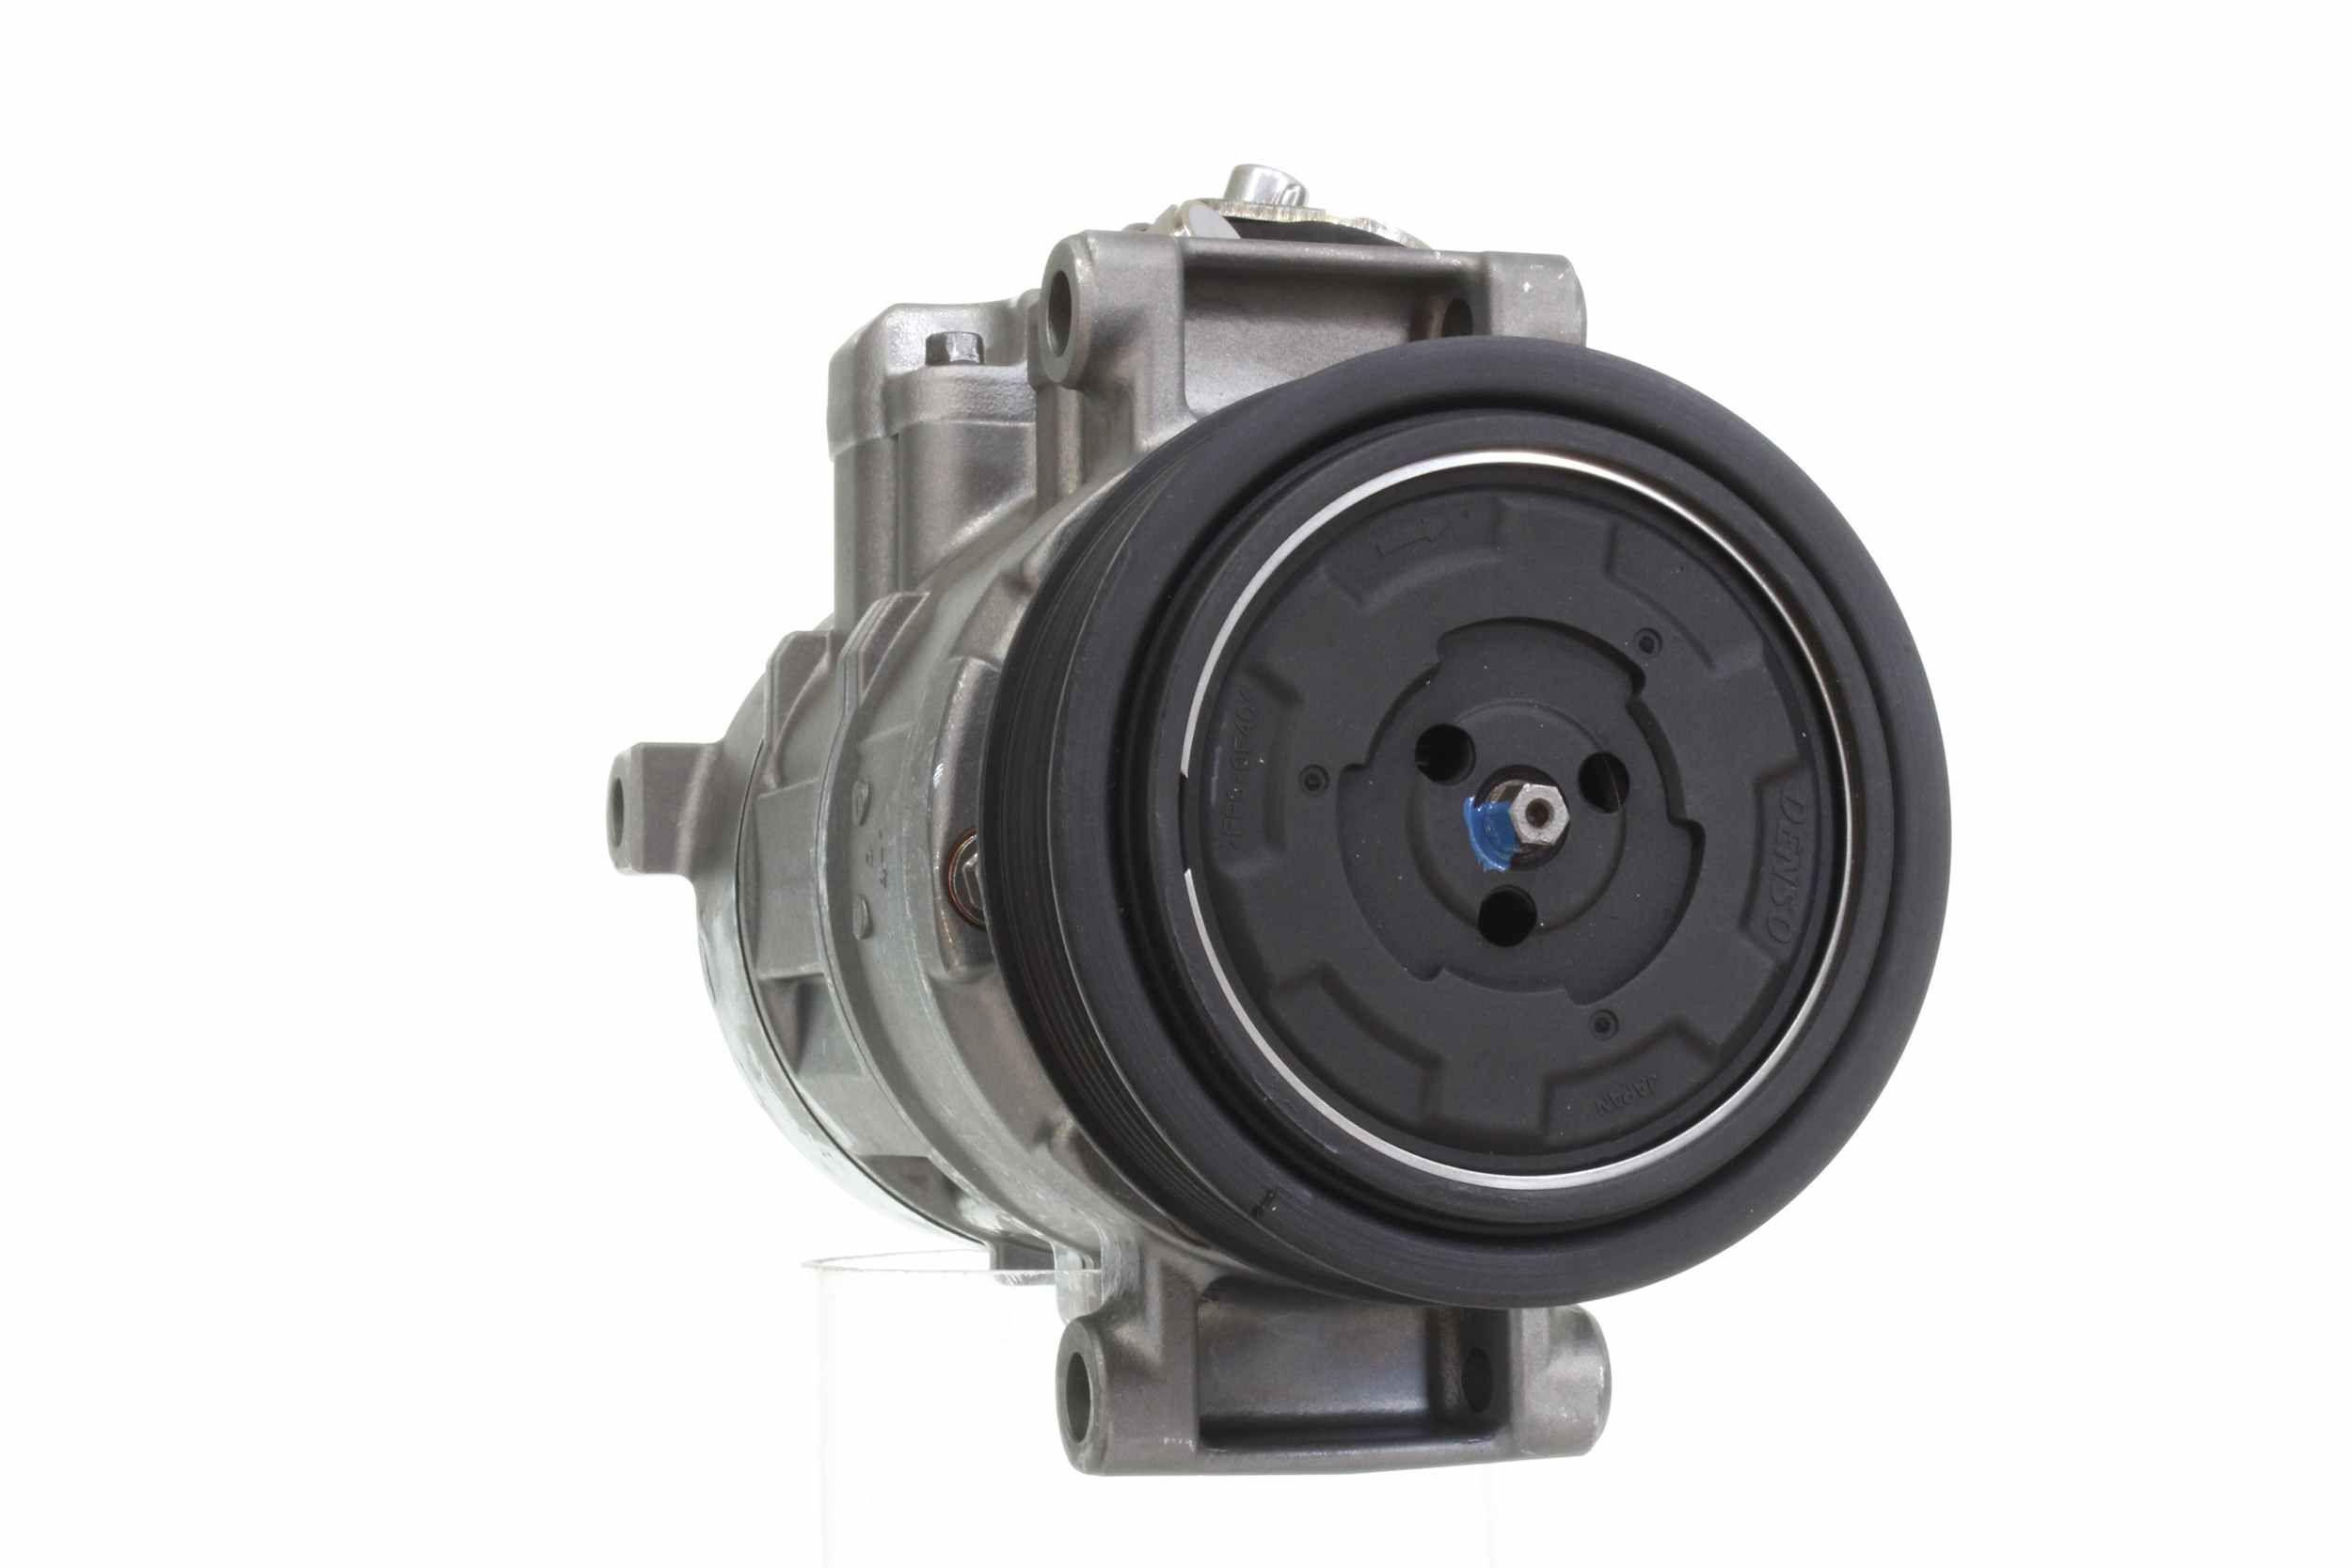 10550946 Kältemittelkompressor ALANKO Erfahrung